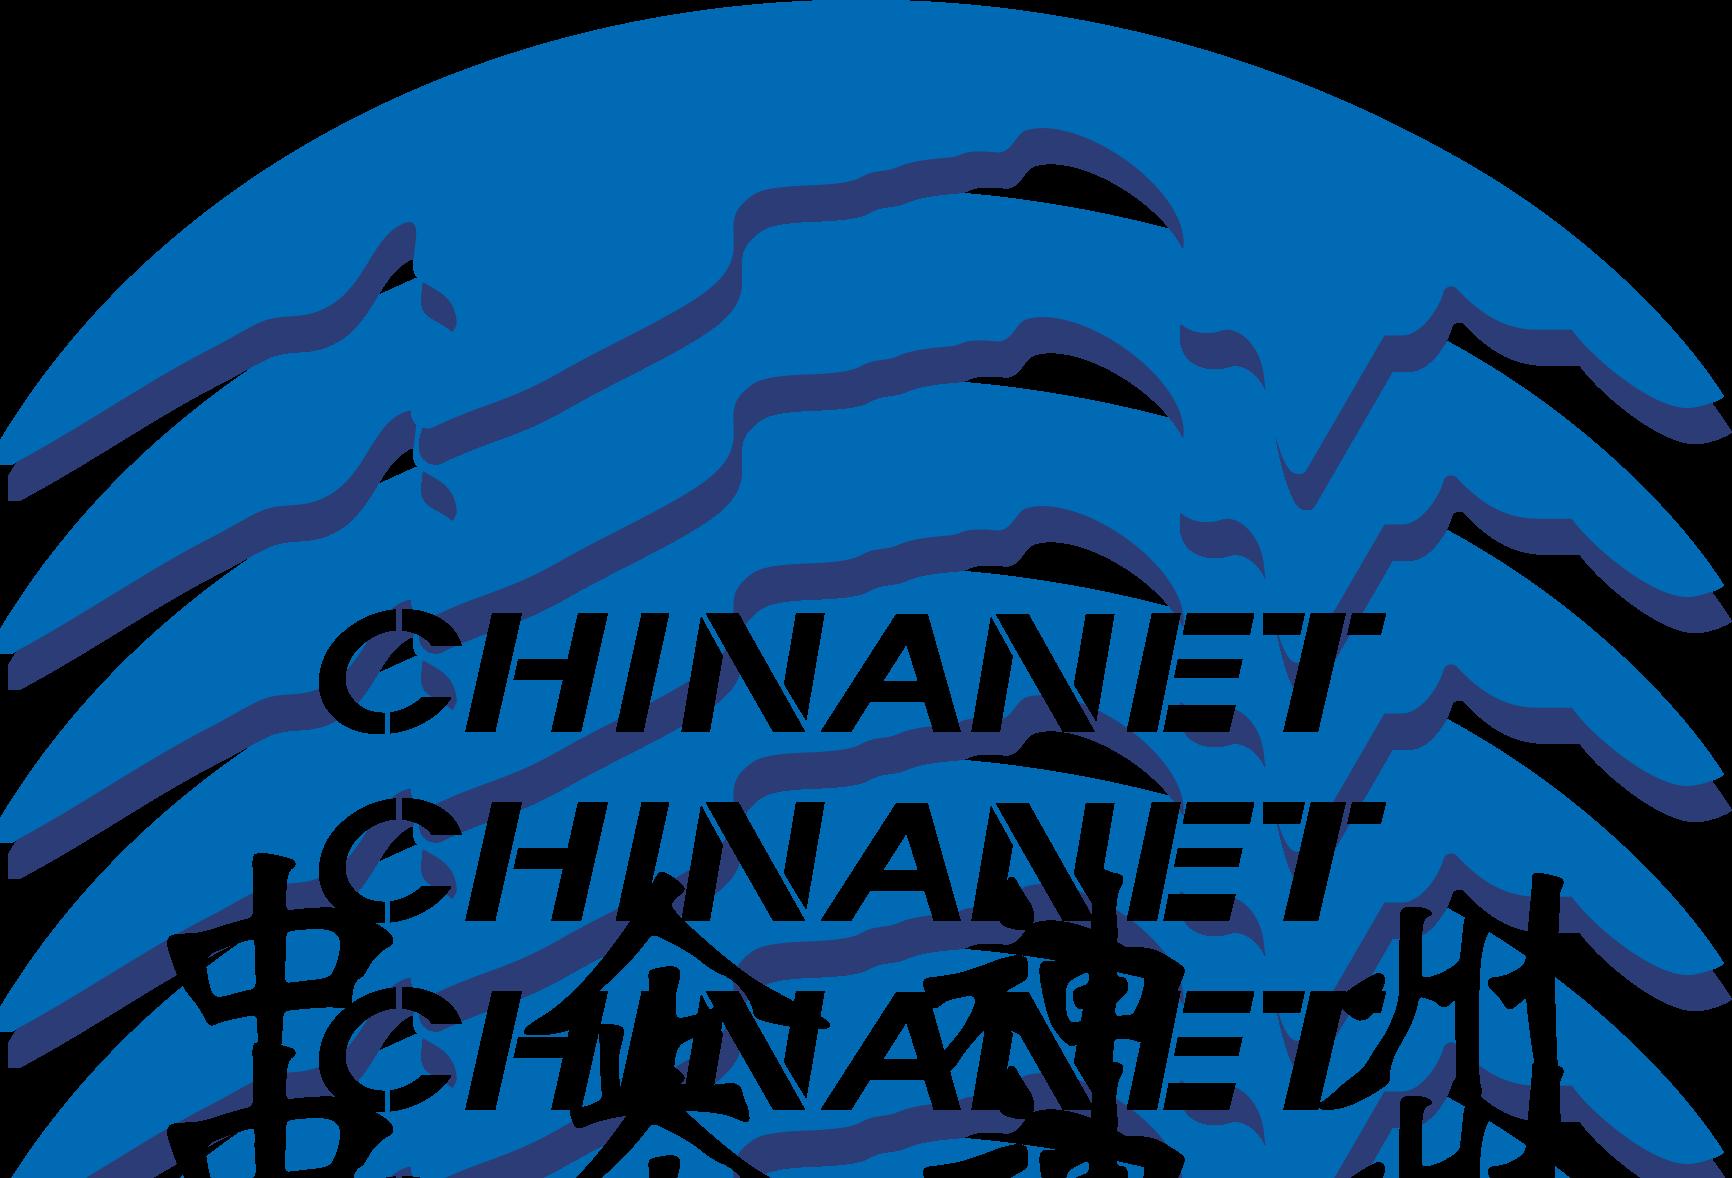 中企神州天津分公司logo